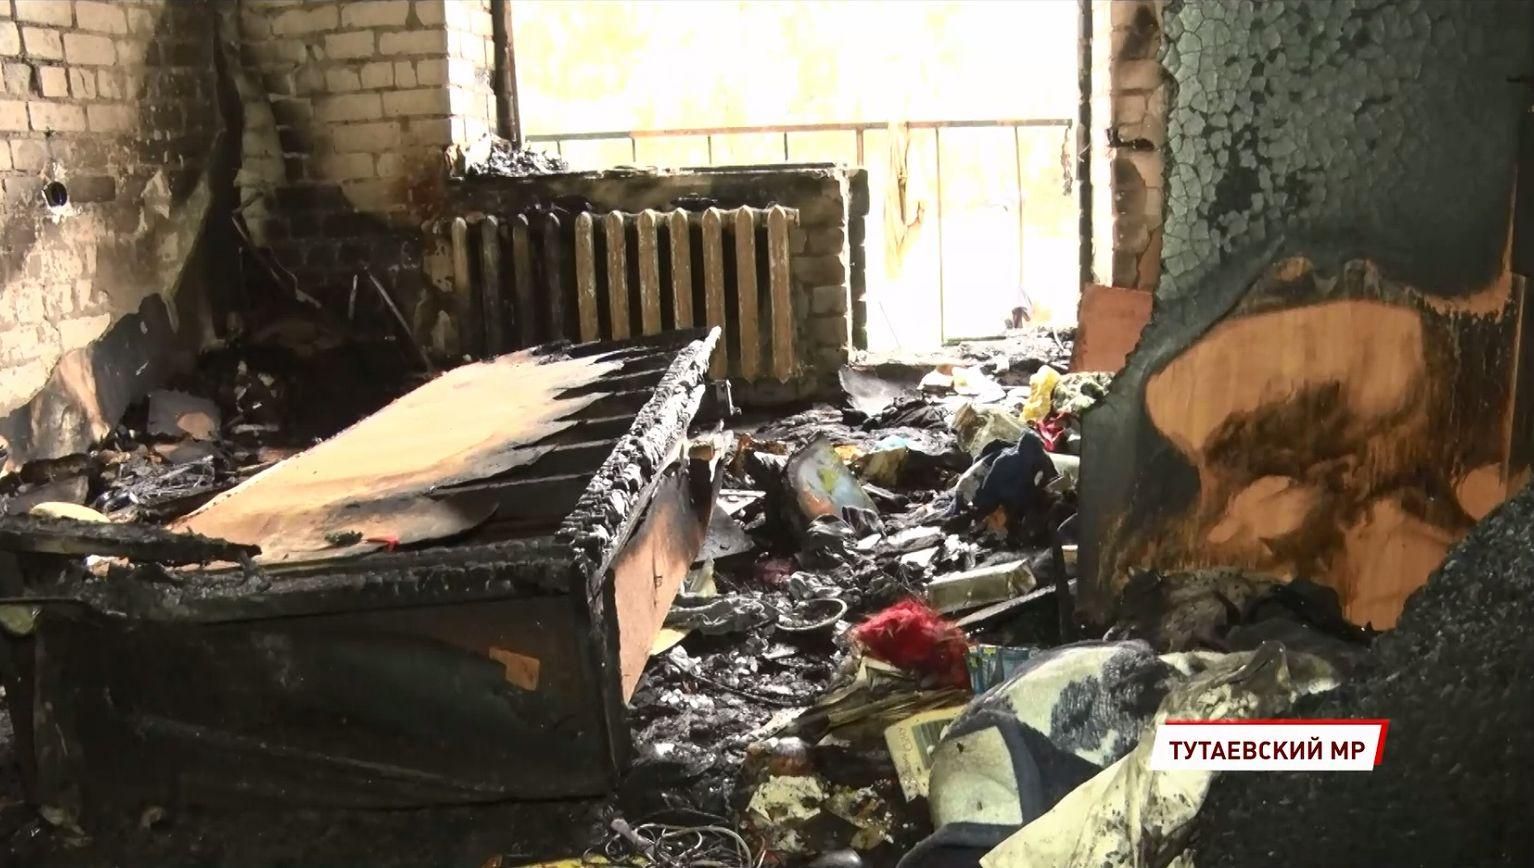 Кто стал виновником пожара в доме поселка Константиновский Ярославкой области – версия местных жителей